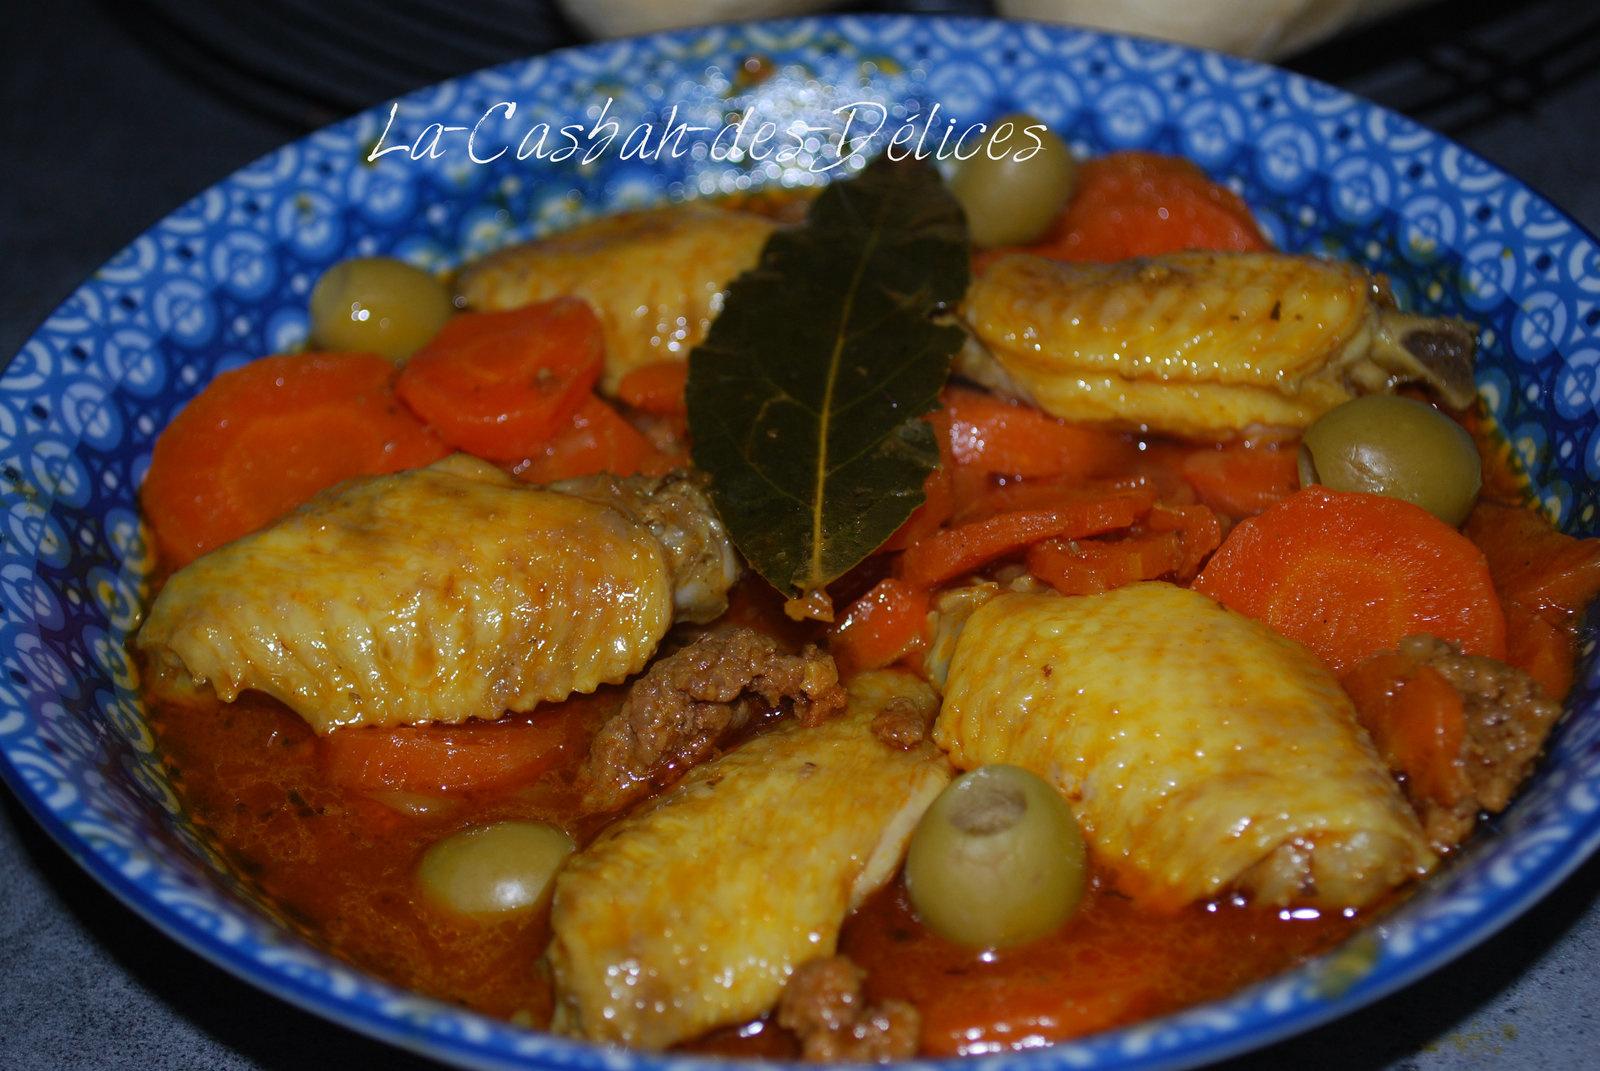 Djouez (sauce) aux ailes de poulet, carottes et olives